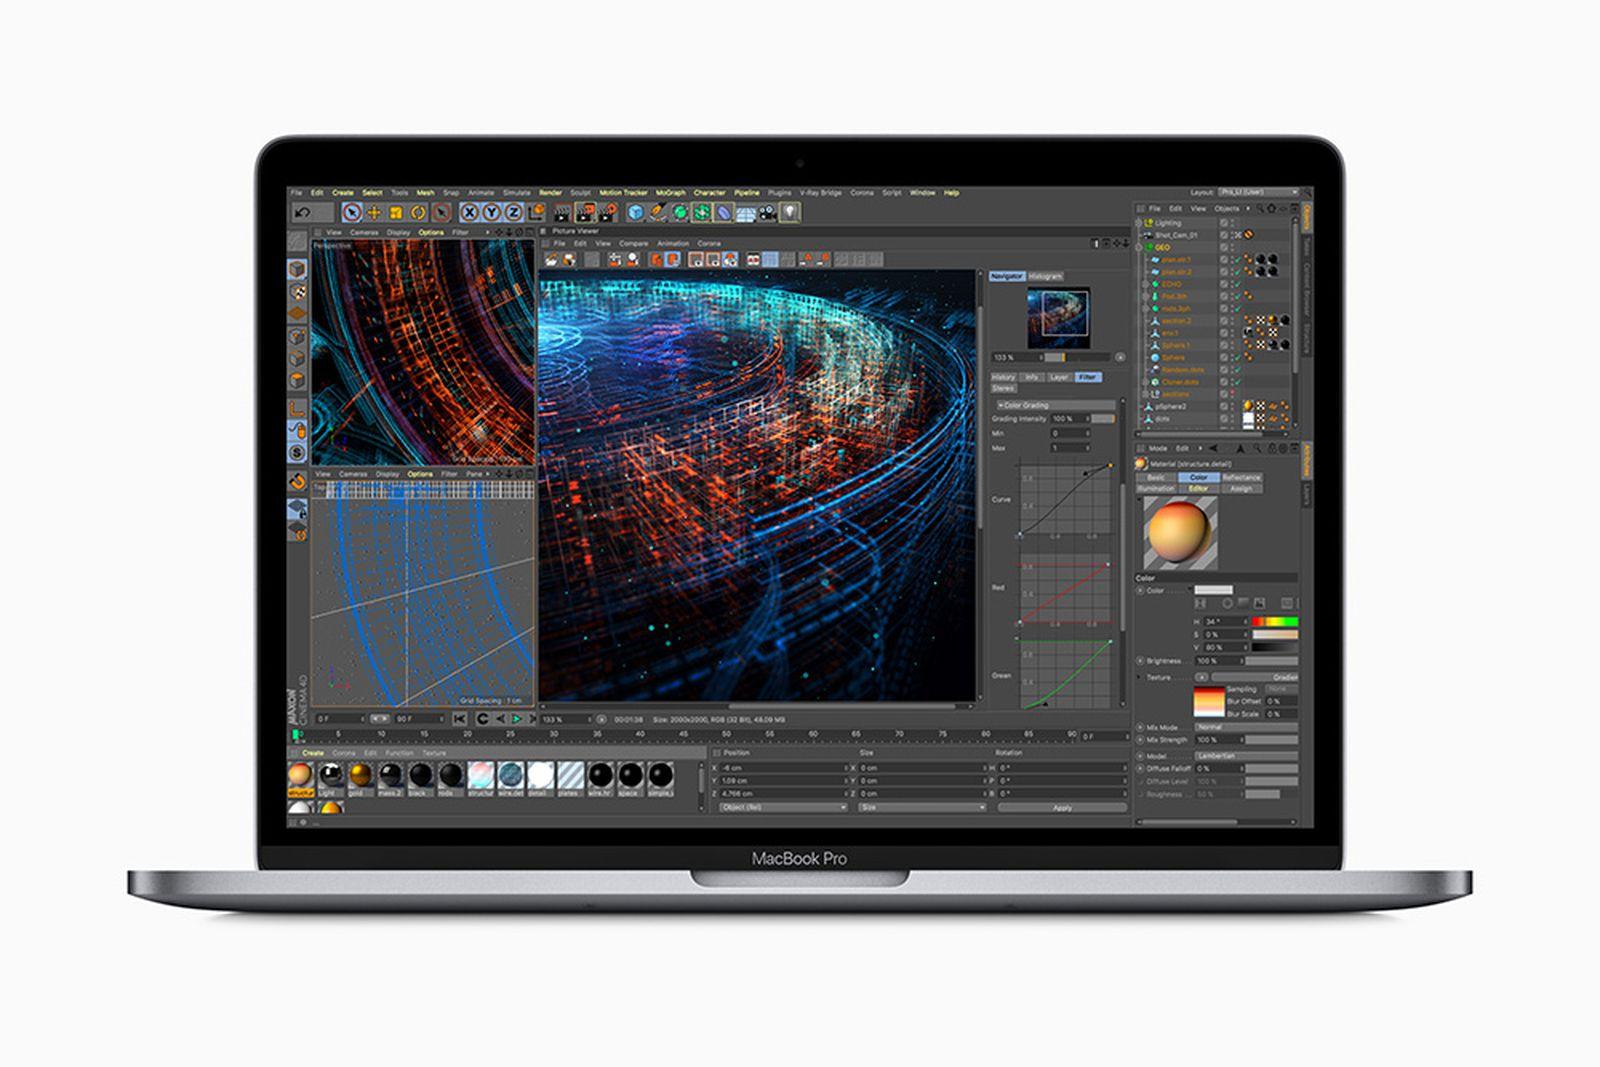 apple macbook pro update